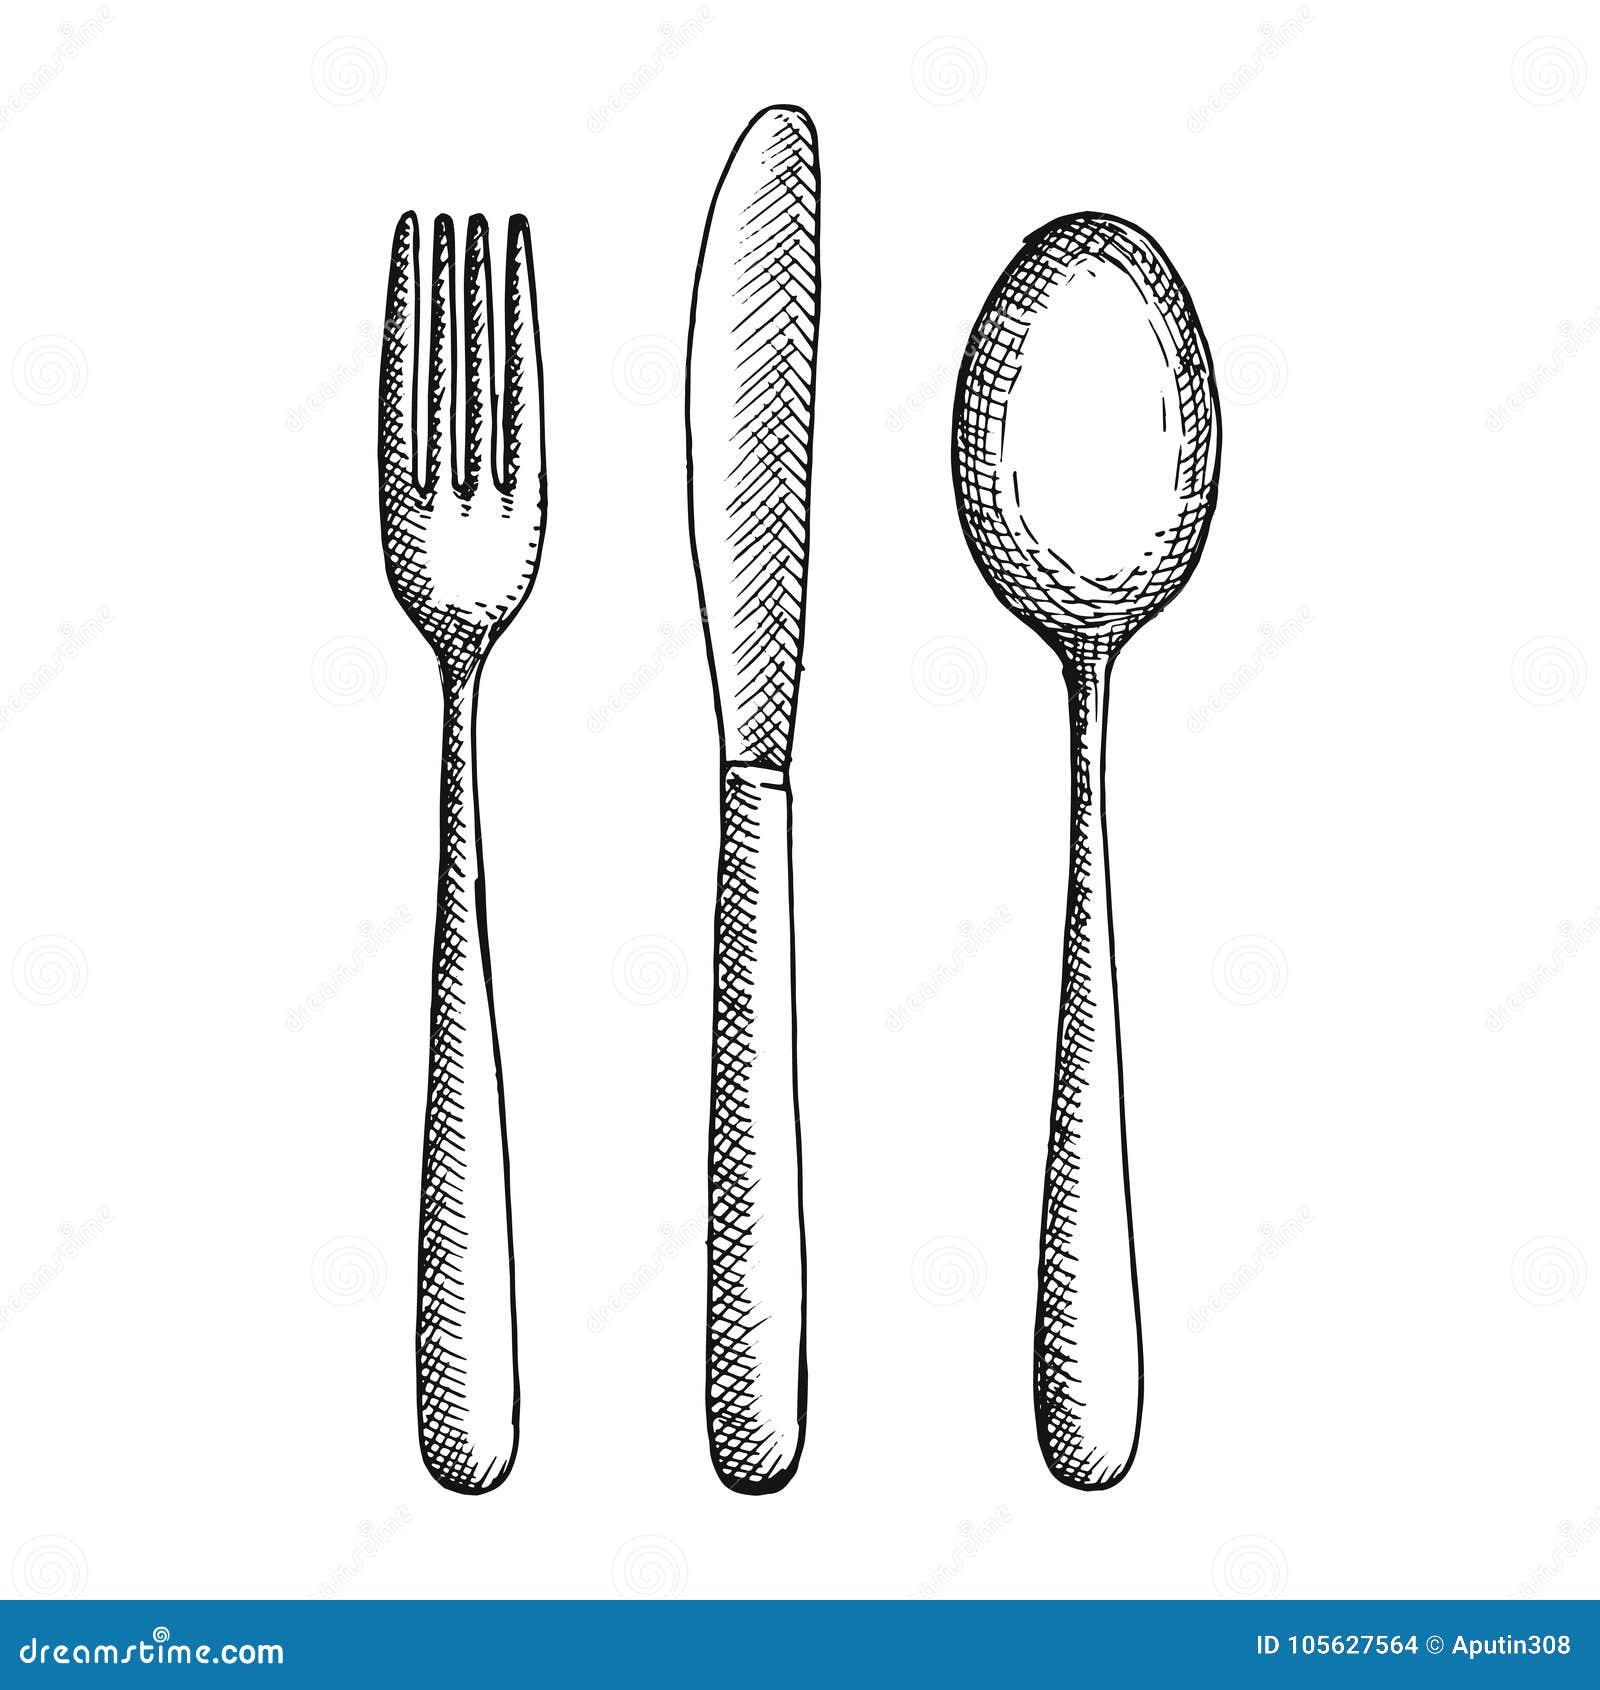 Croquis de vecteur de couverts de couteau et de cuill re de fourchette dessin de main d - Cuillere dessin ...